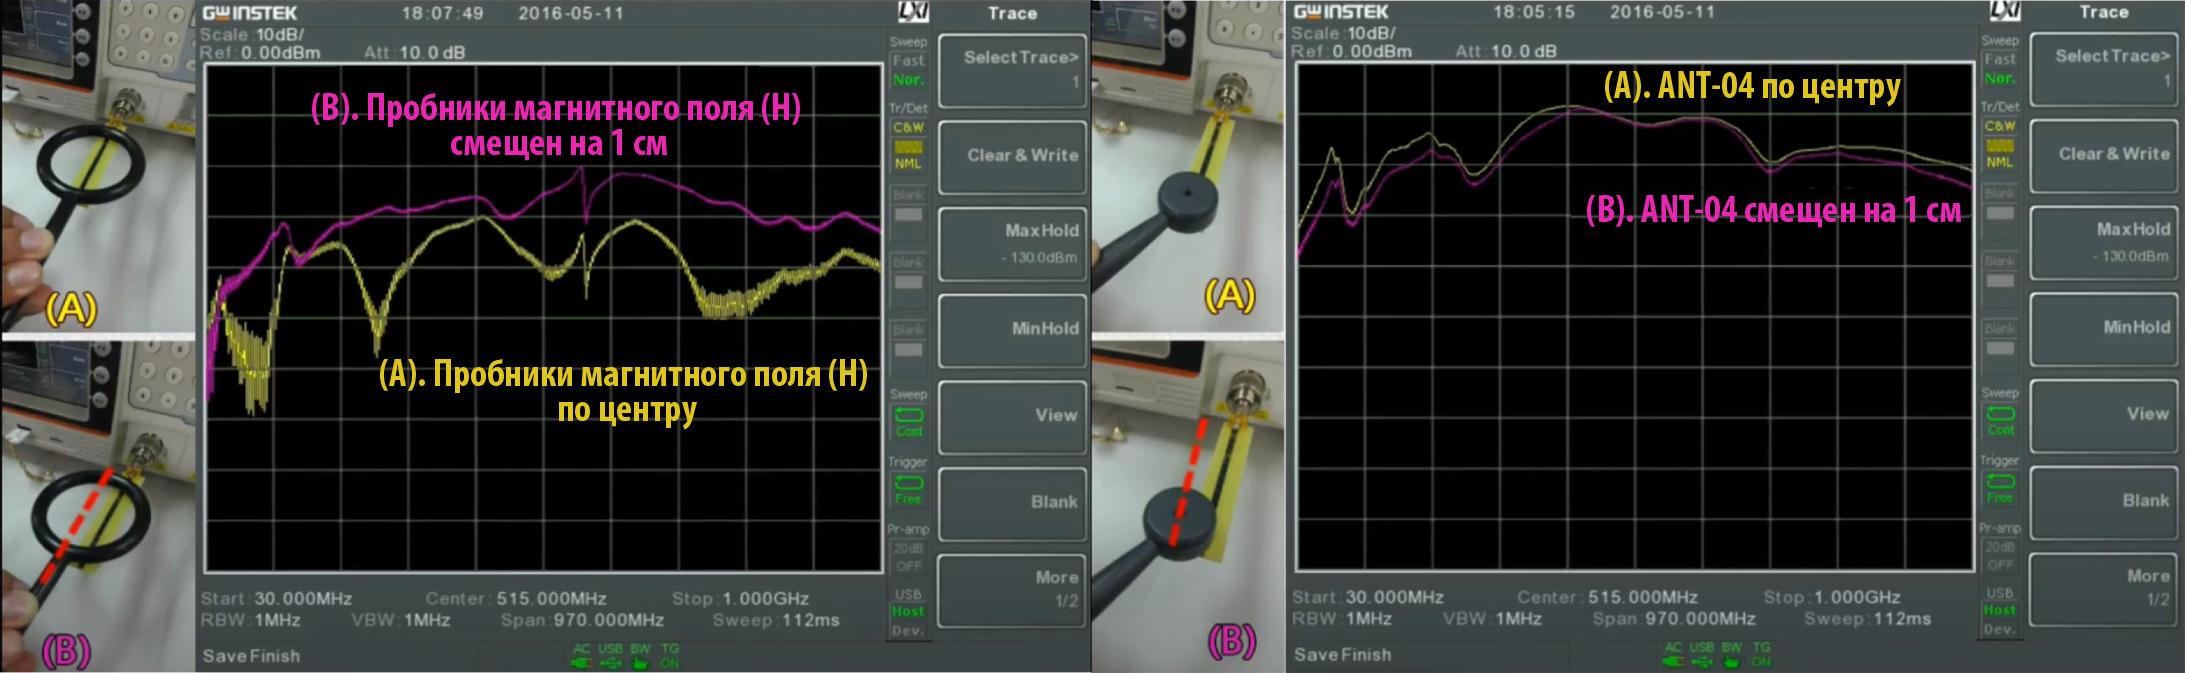 Сравнение чувствительности пробников ANT-04 от компании GW Instek и типовых решений от сторонних производителей при смещении от объекта излучения ЭМП на 1 см